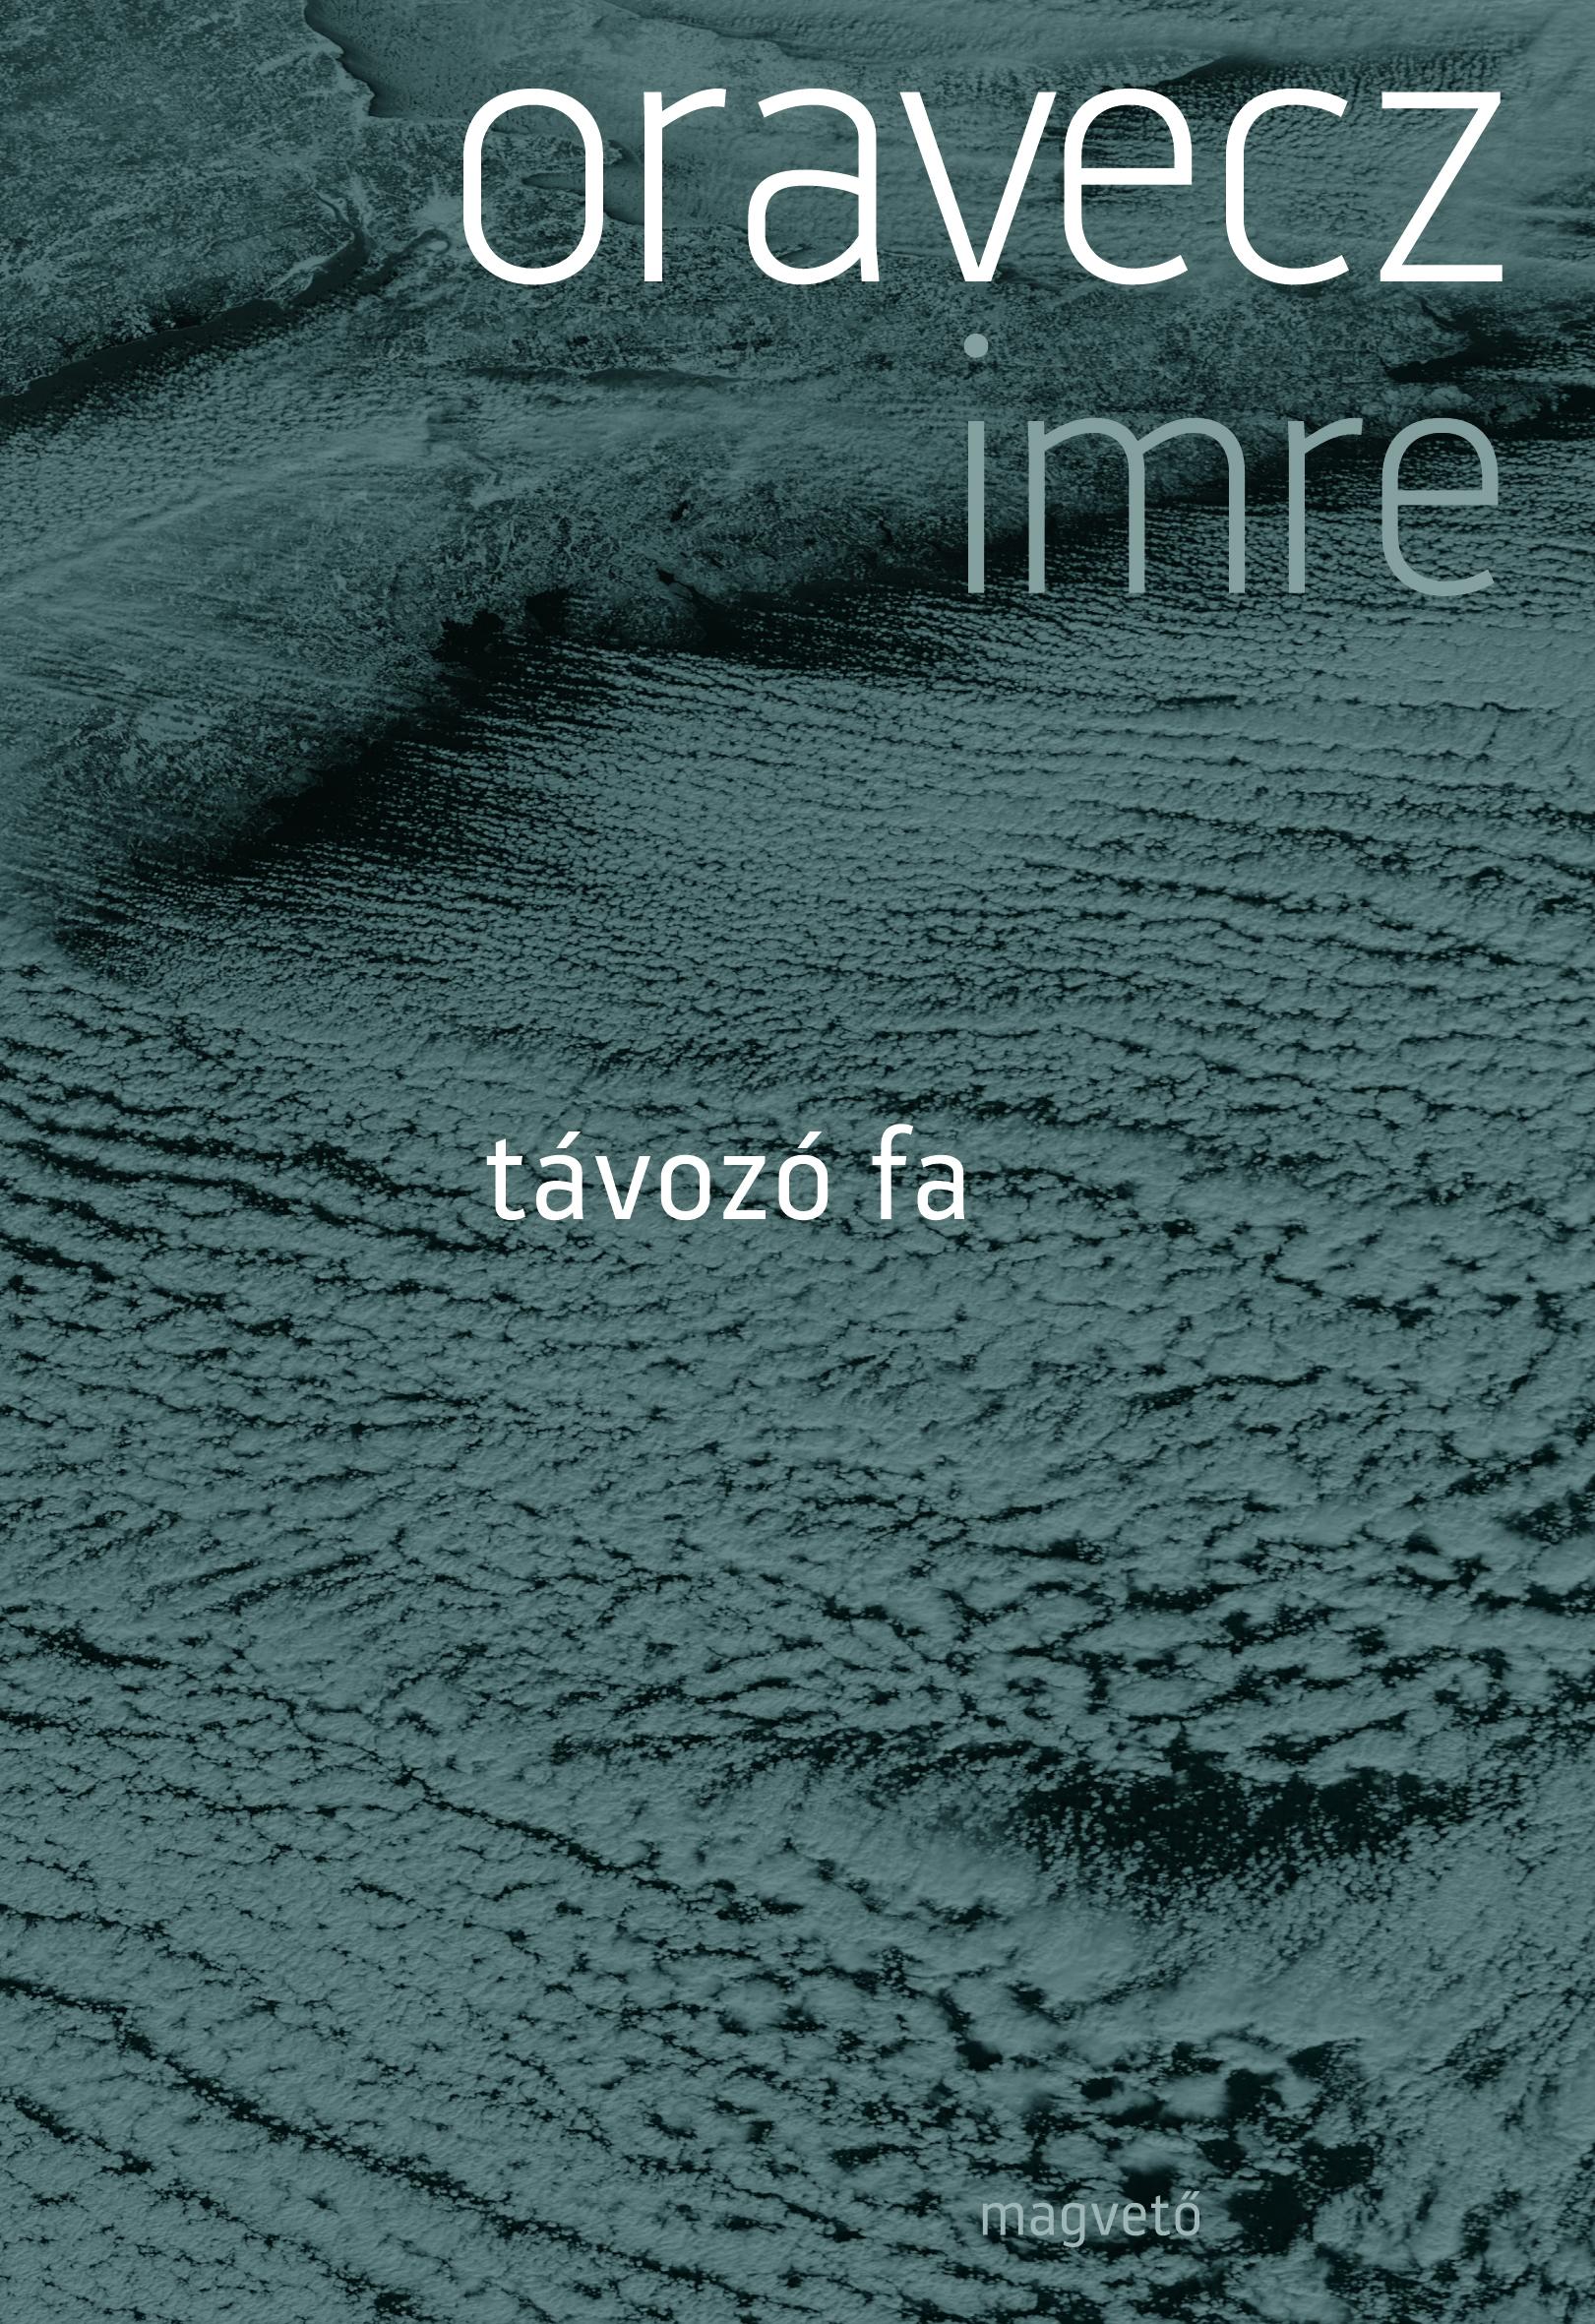 oravecz-tavozo_fa-b1